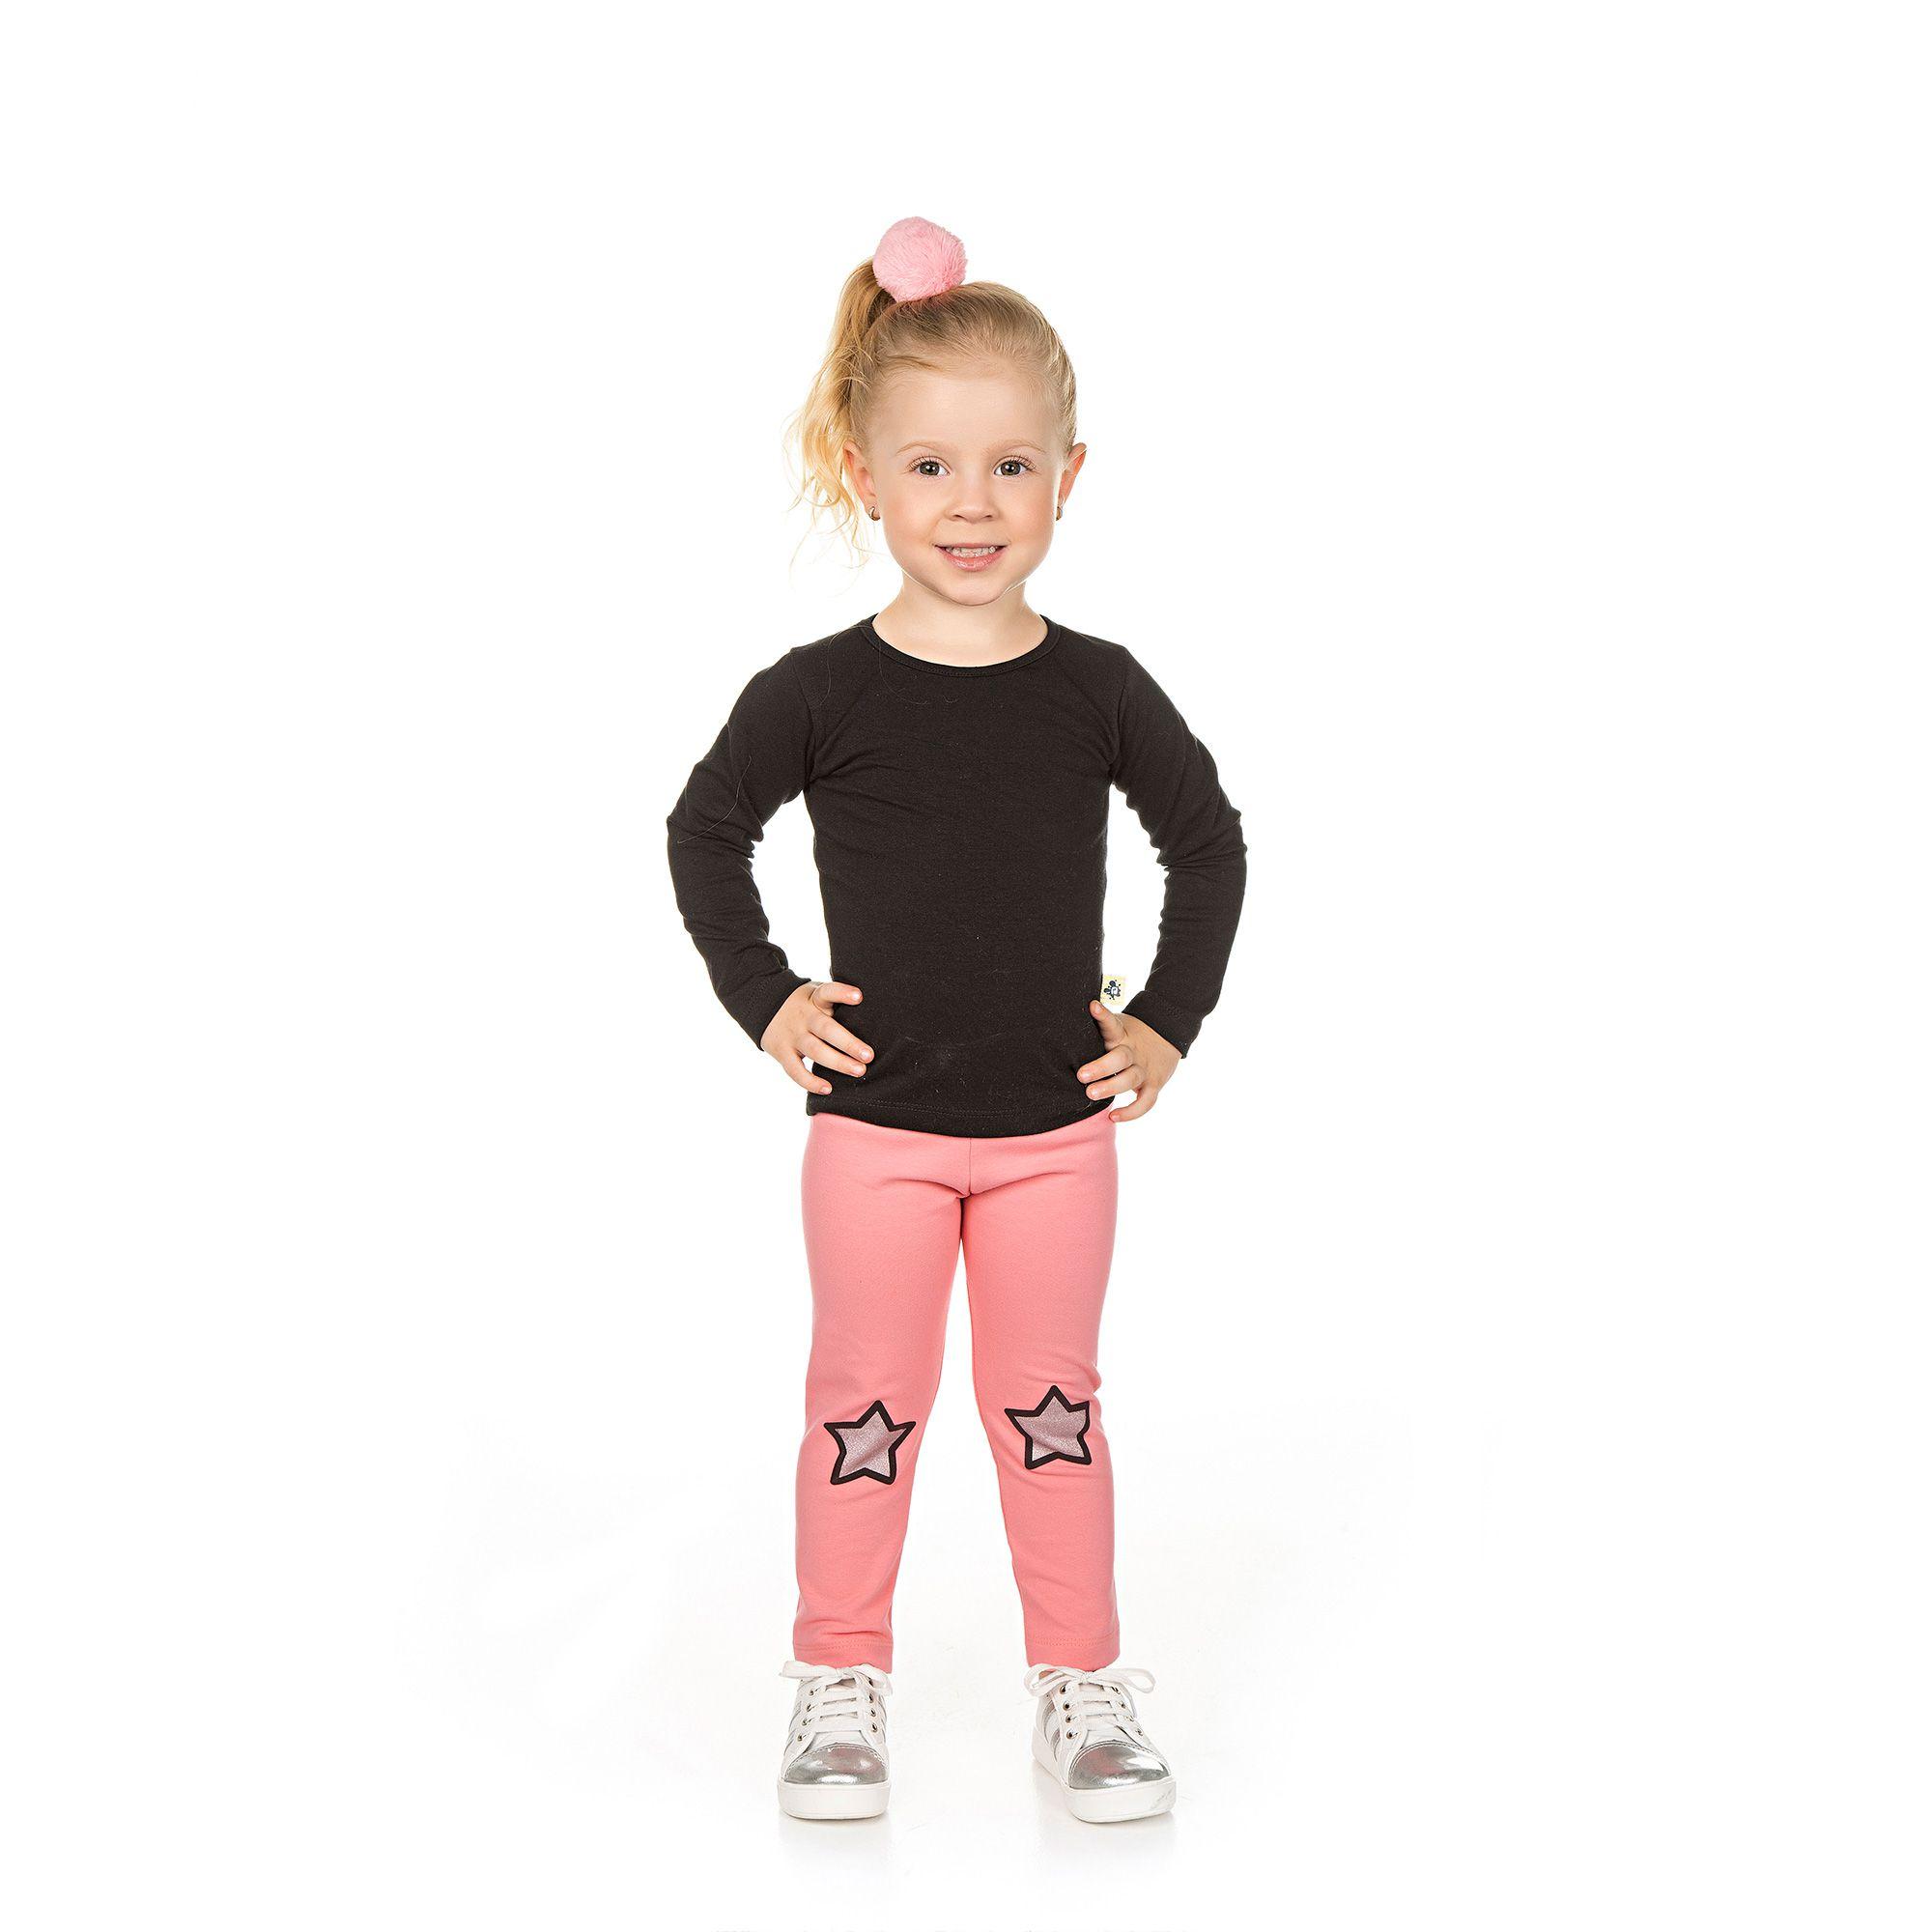 Calça Legging Infantil - Ref 4967 - Tutti Frutti